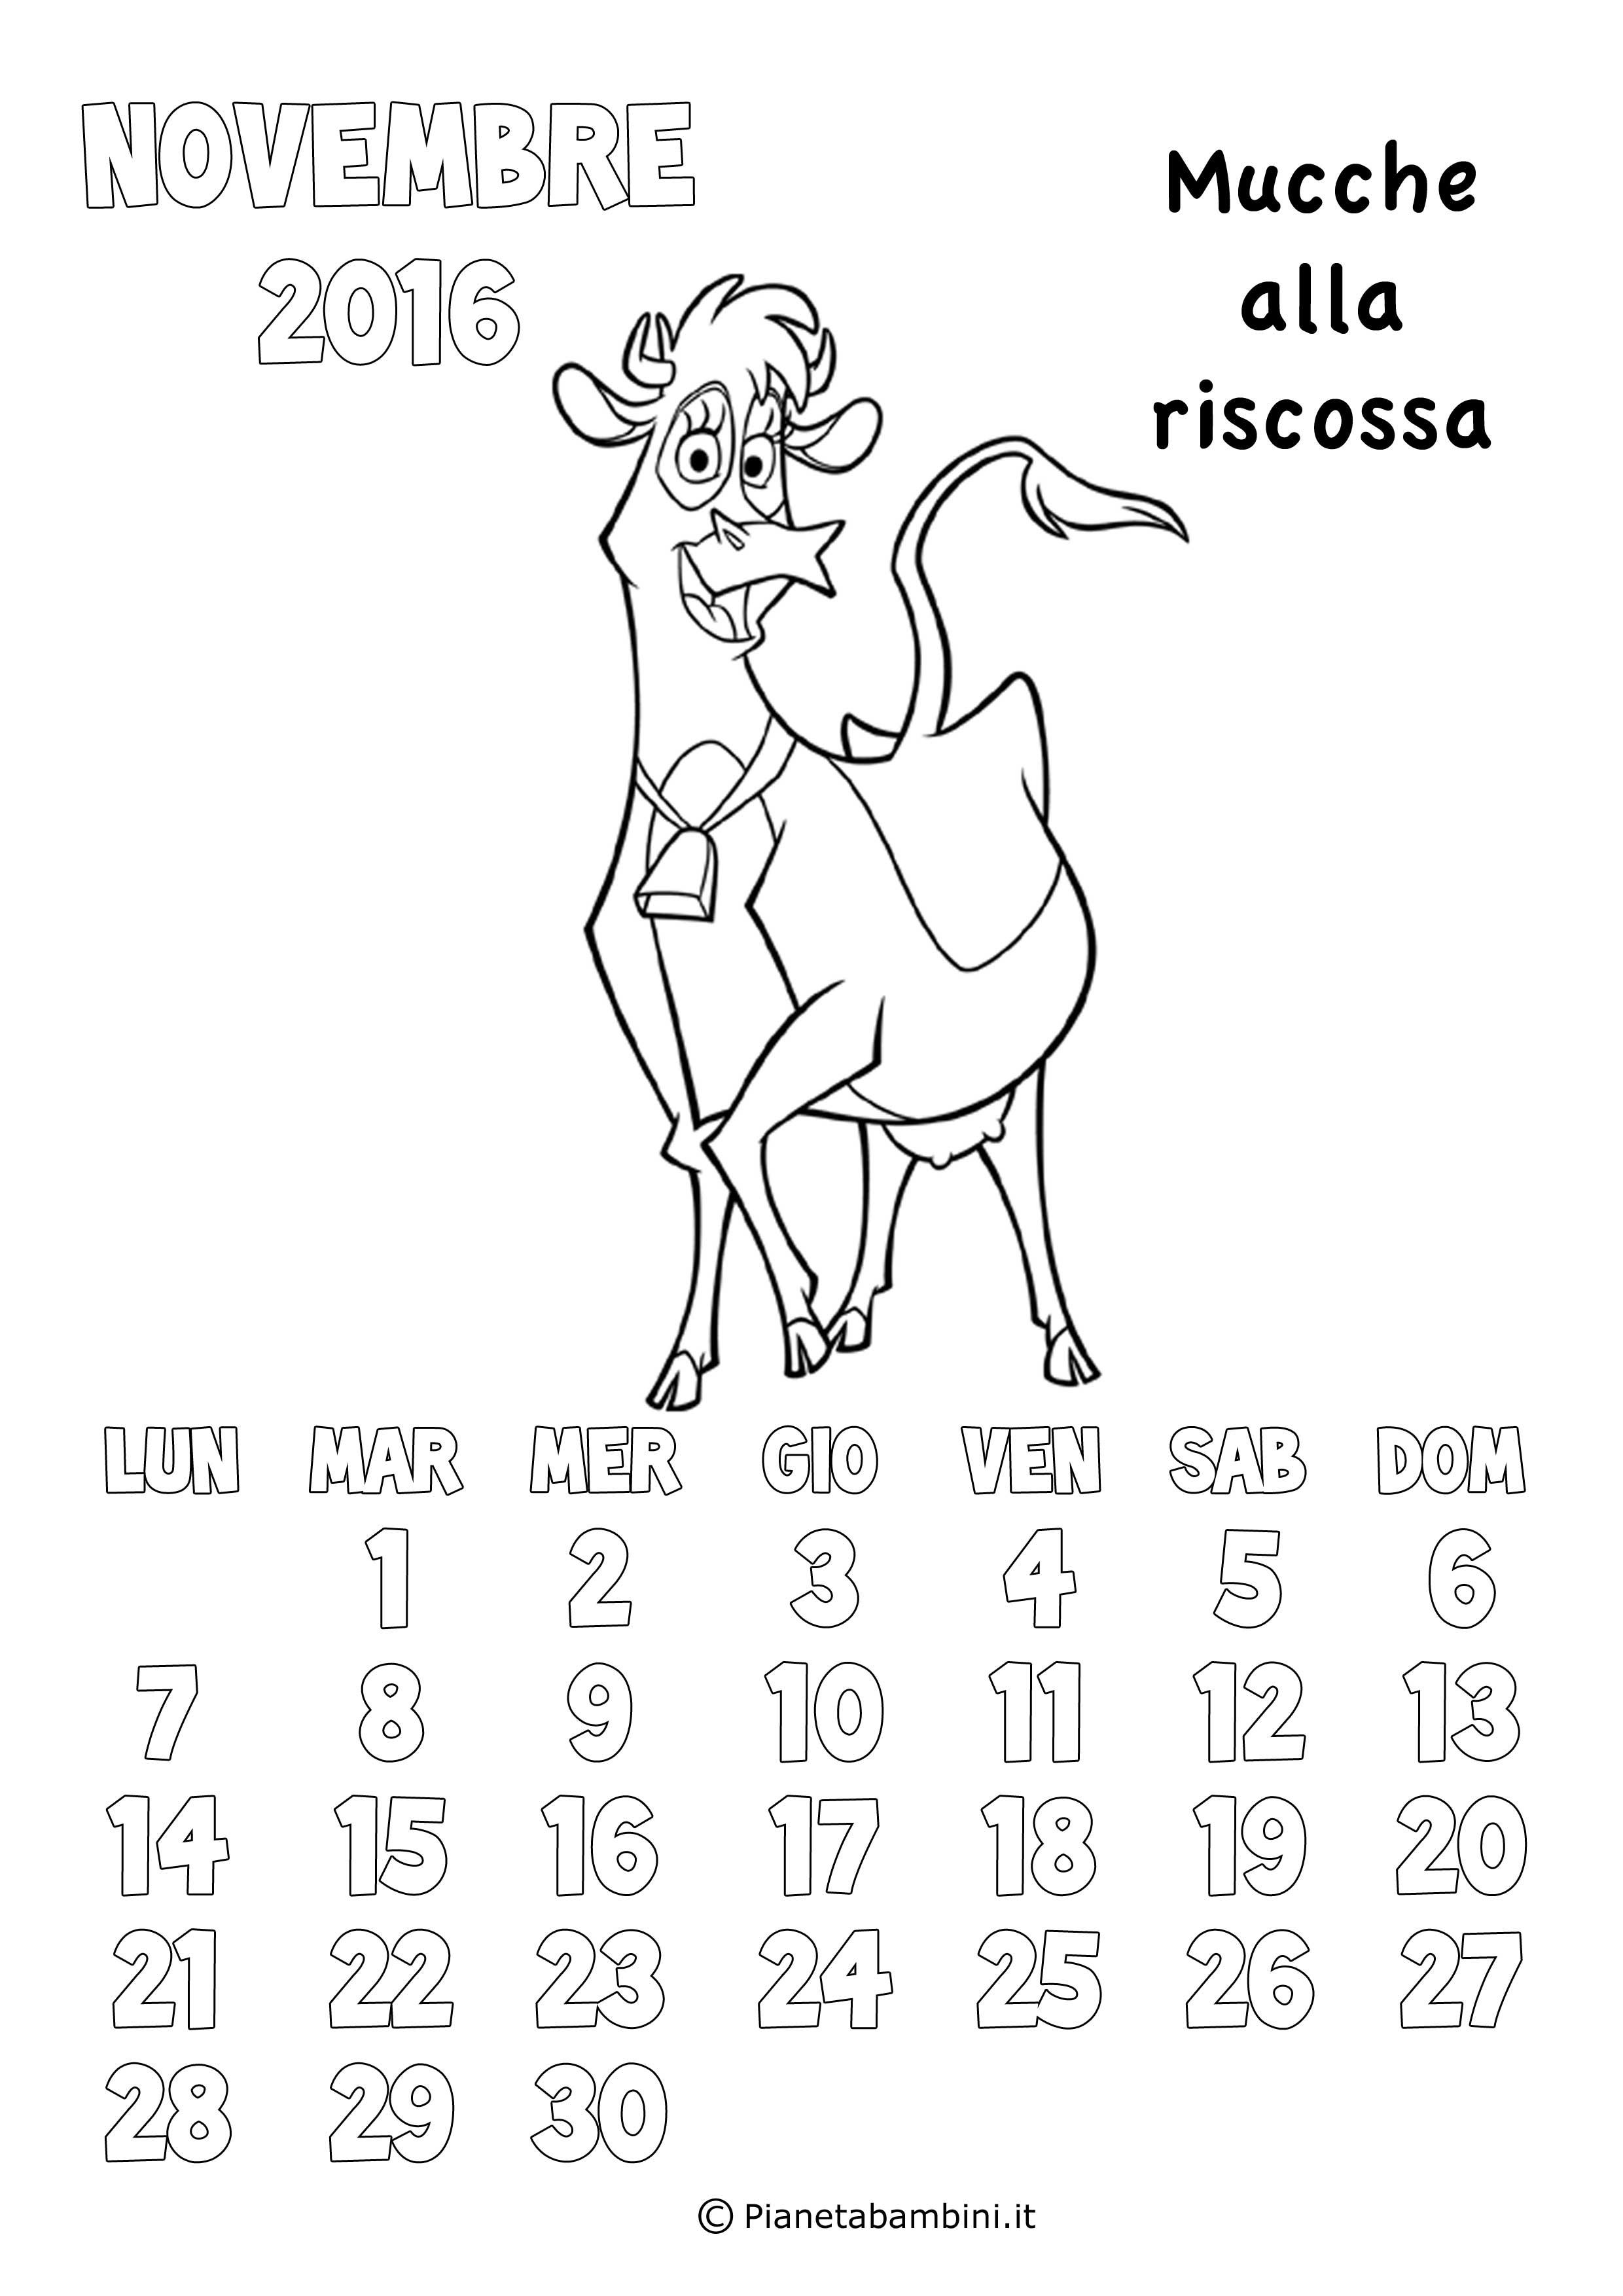 Novembre-2016-Mucche-Riscossa